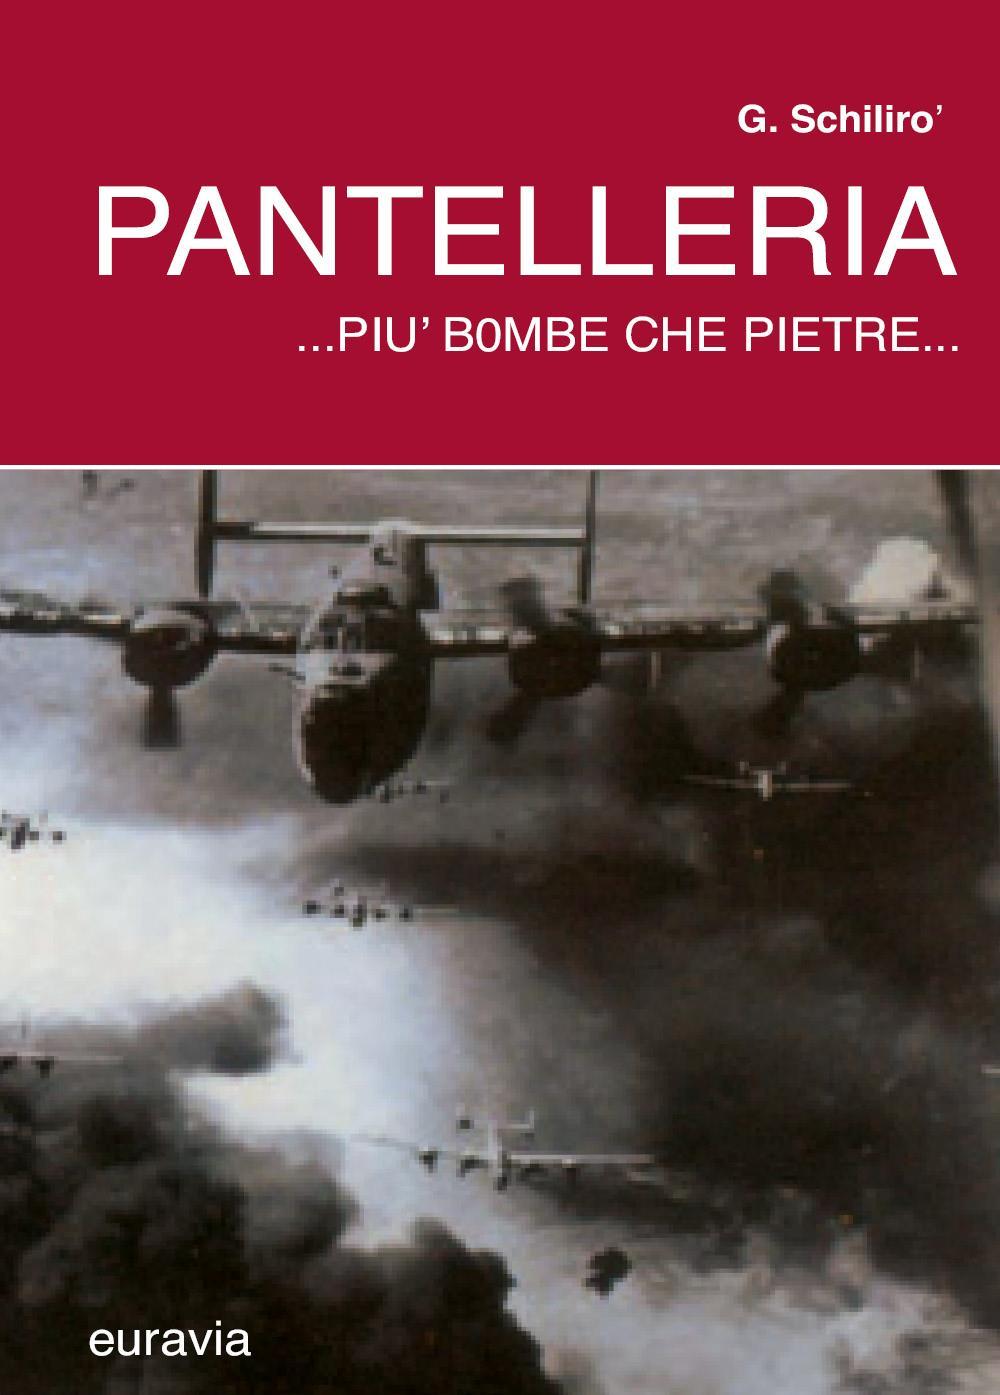 Pantelleria...più bombe che pietre...